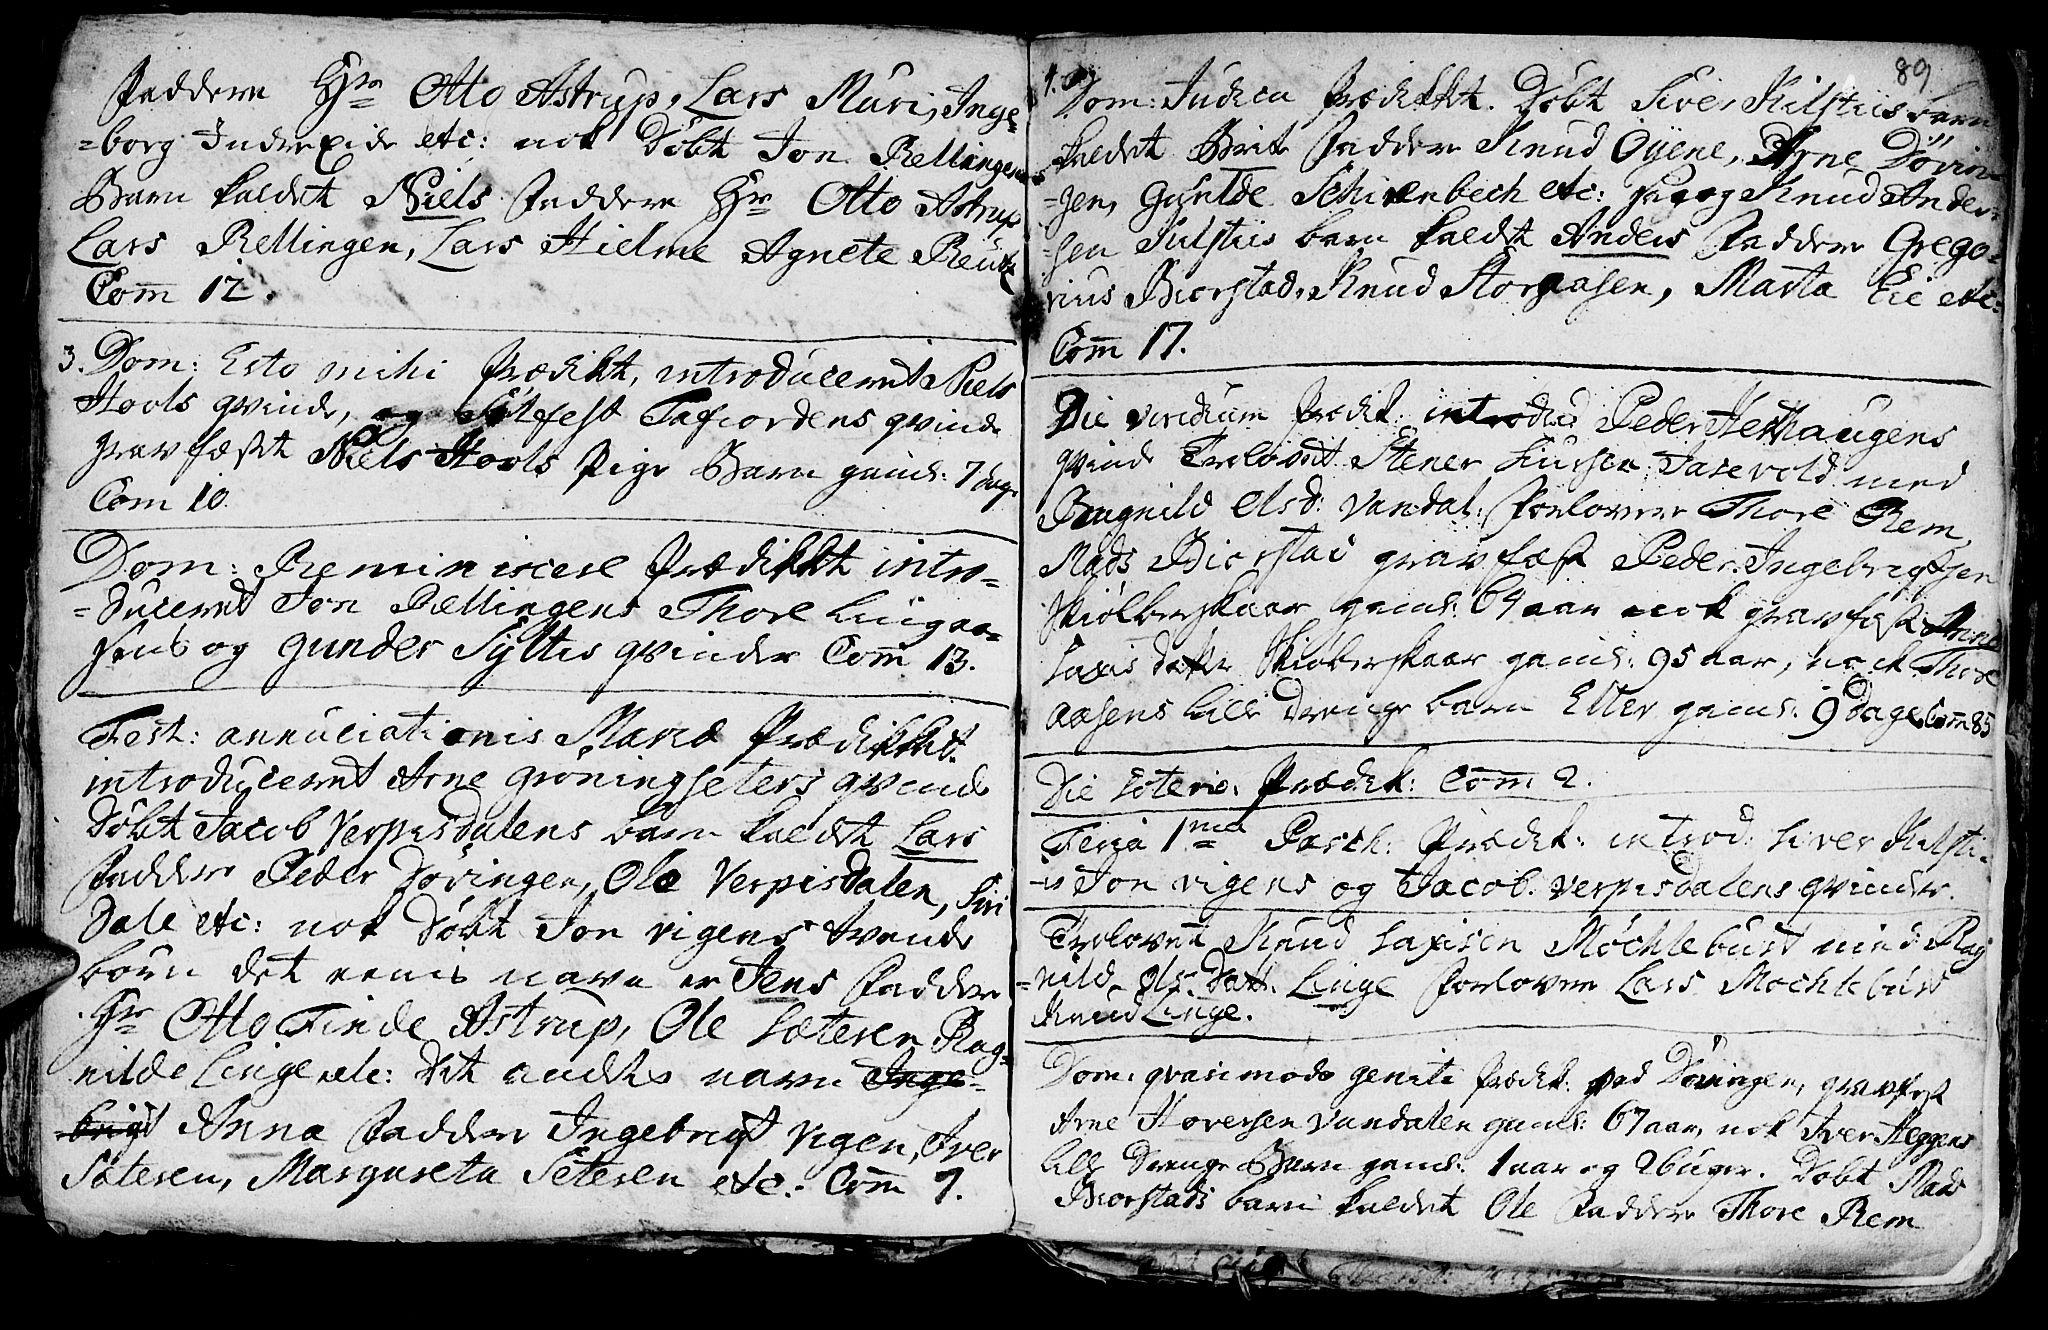 SAT, Ministerialprotokoller, klokkerbøker og fødselsregistre - Møre og Romsdal, 519/L0240: Ministerialbok nr. 519A01 /1, 1736-1760, s. 89